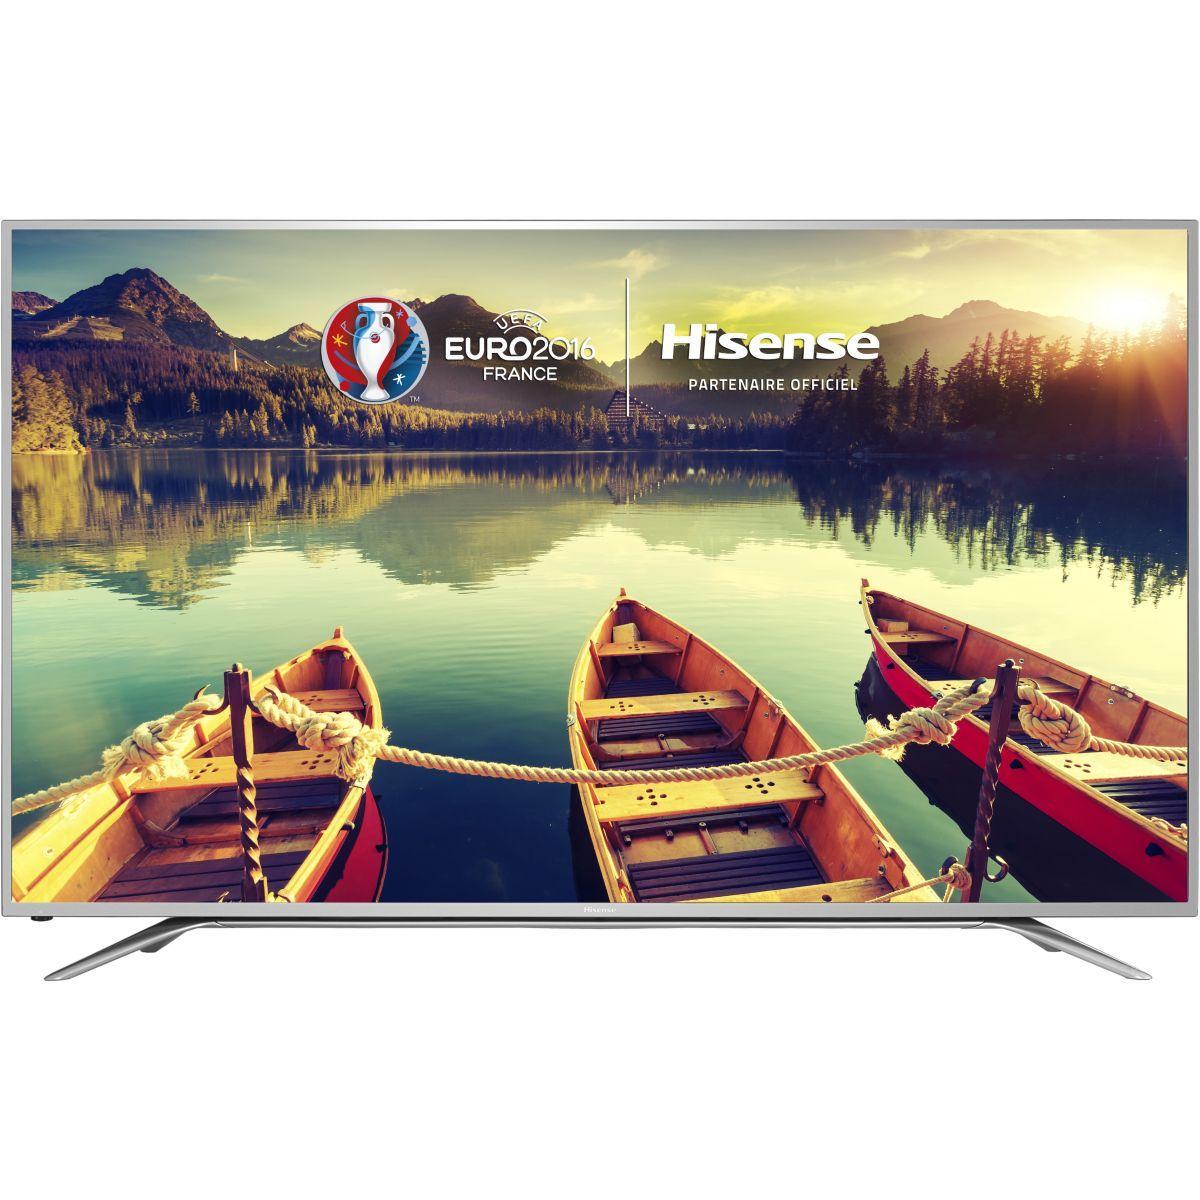 TV HISENSE H65M5500 UHD 800HZ SMART TV